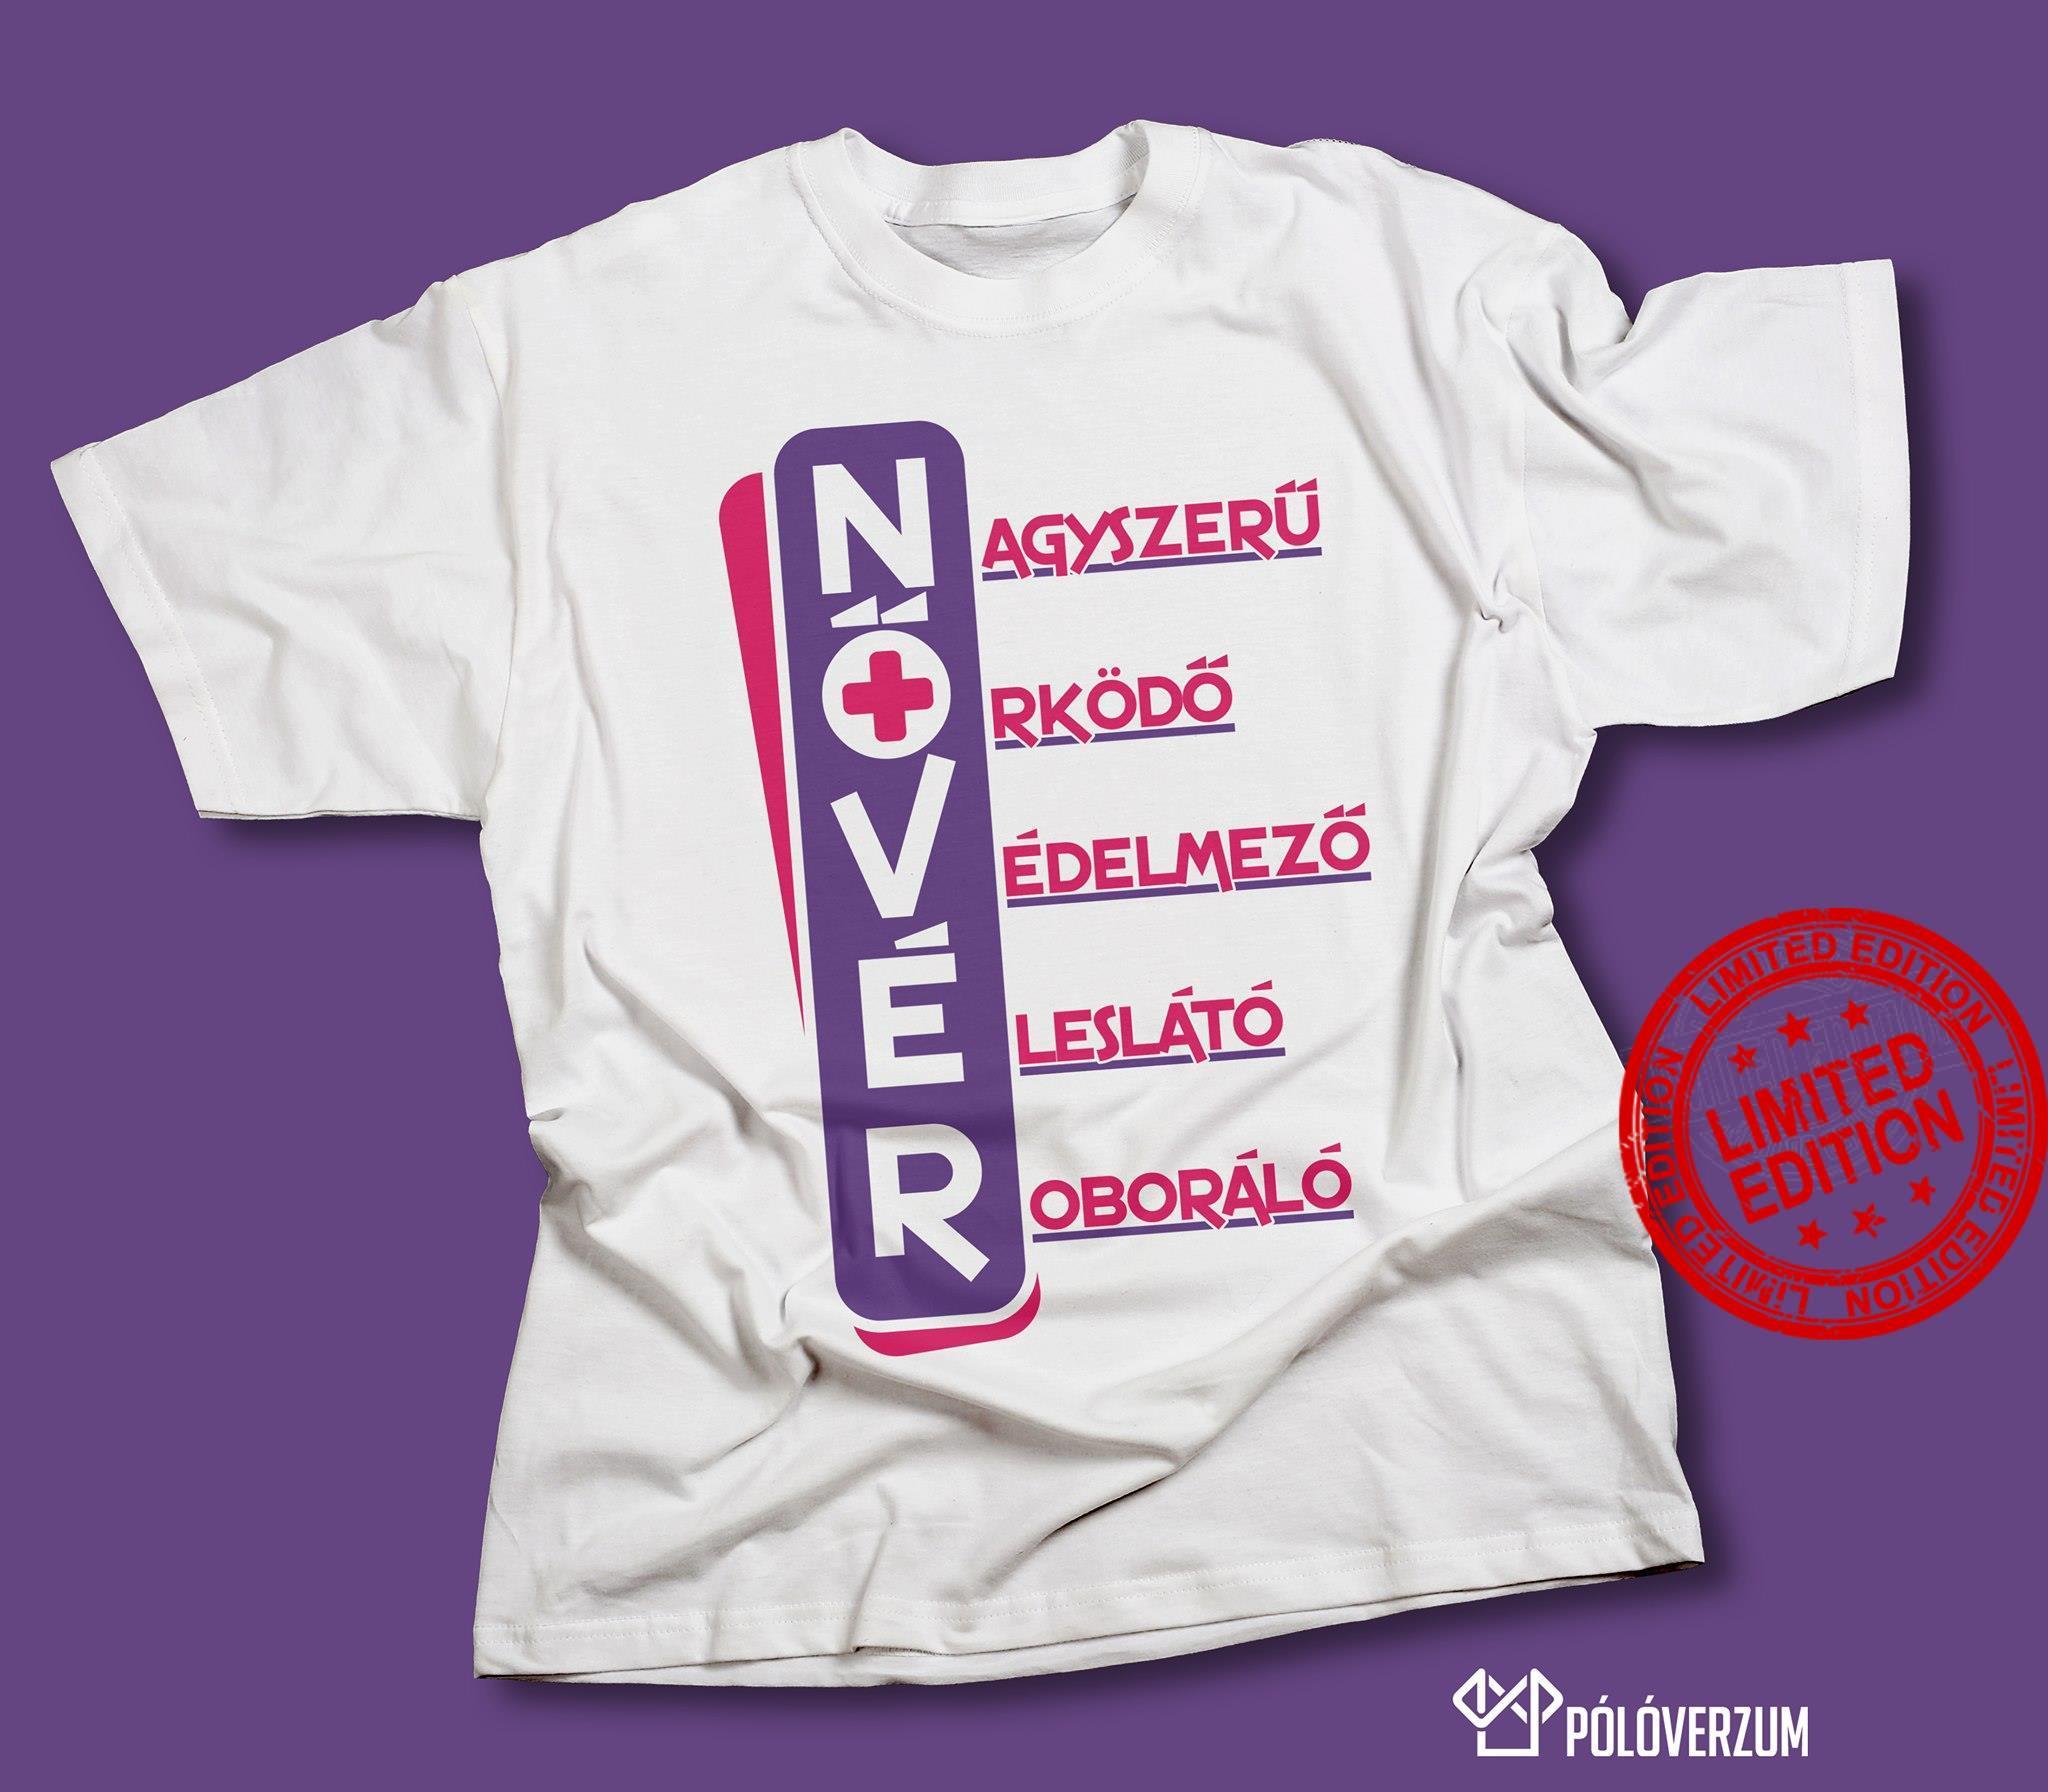 Nover Egyszeru Rakodo Edelmezo Leslato Roboralo Shirt